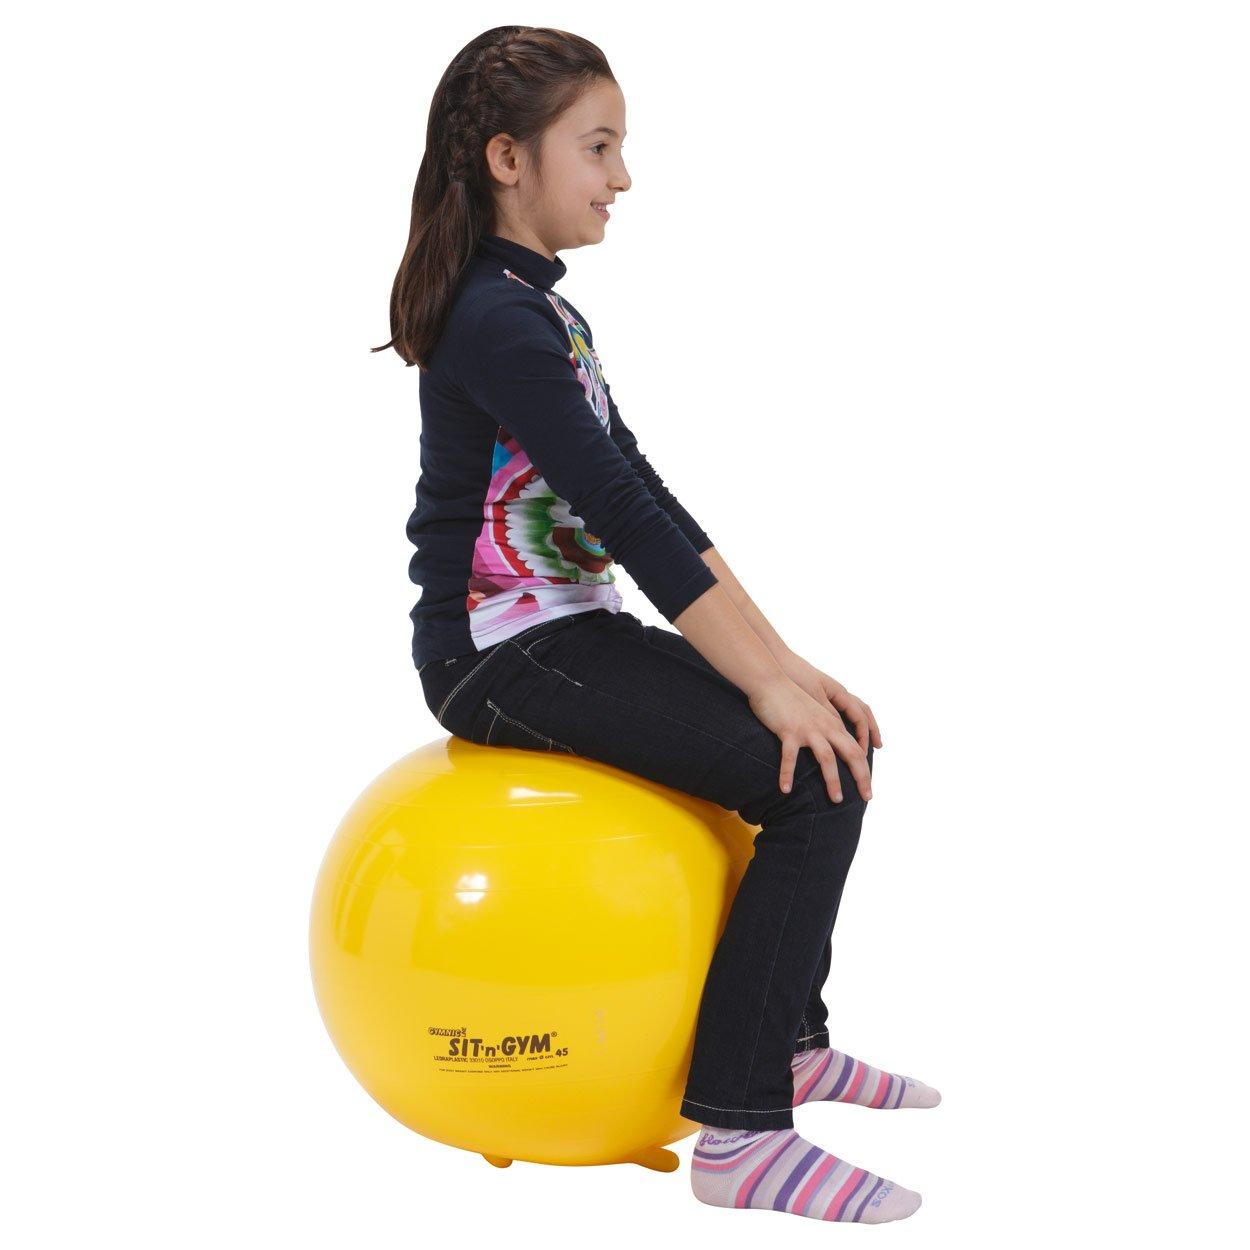 Sit N Gym Jr. 18 Yellow Stability Ball